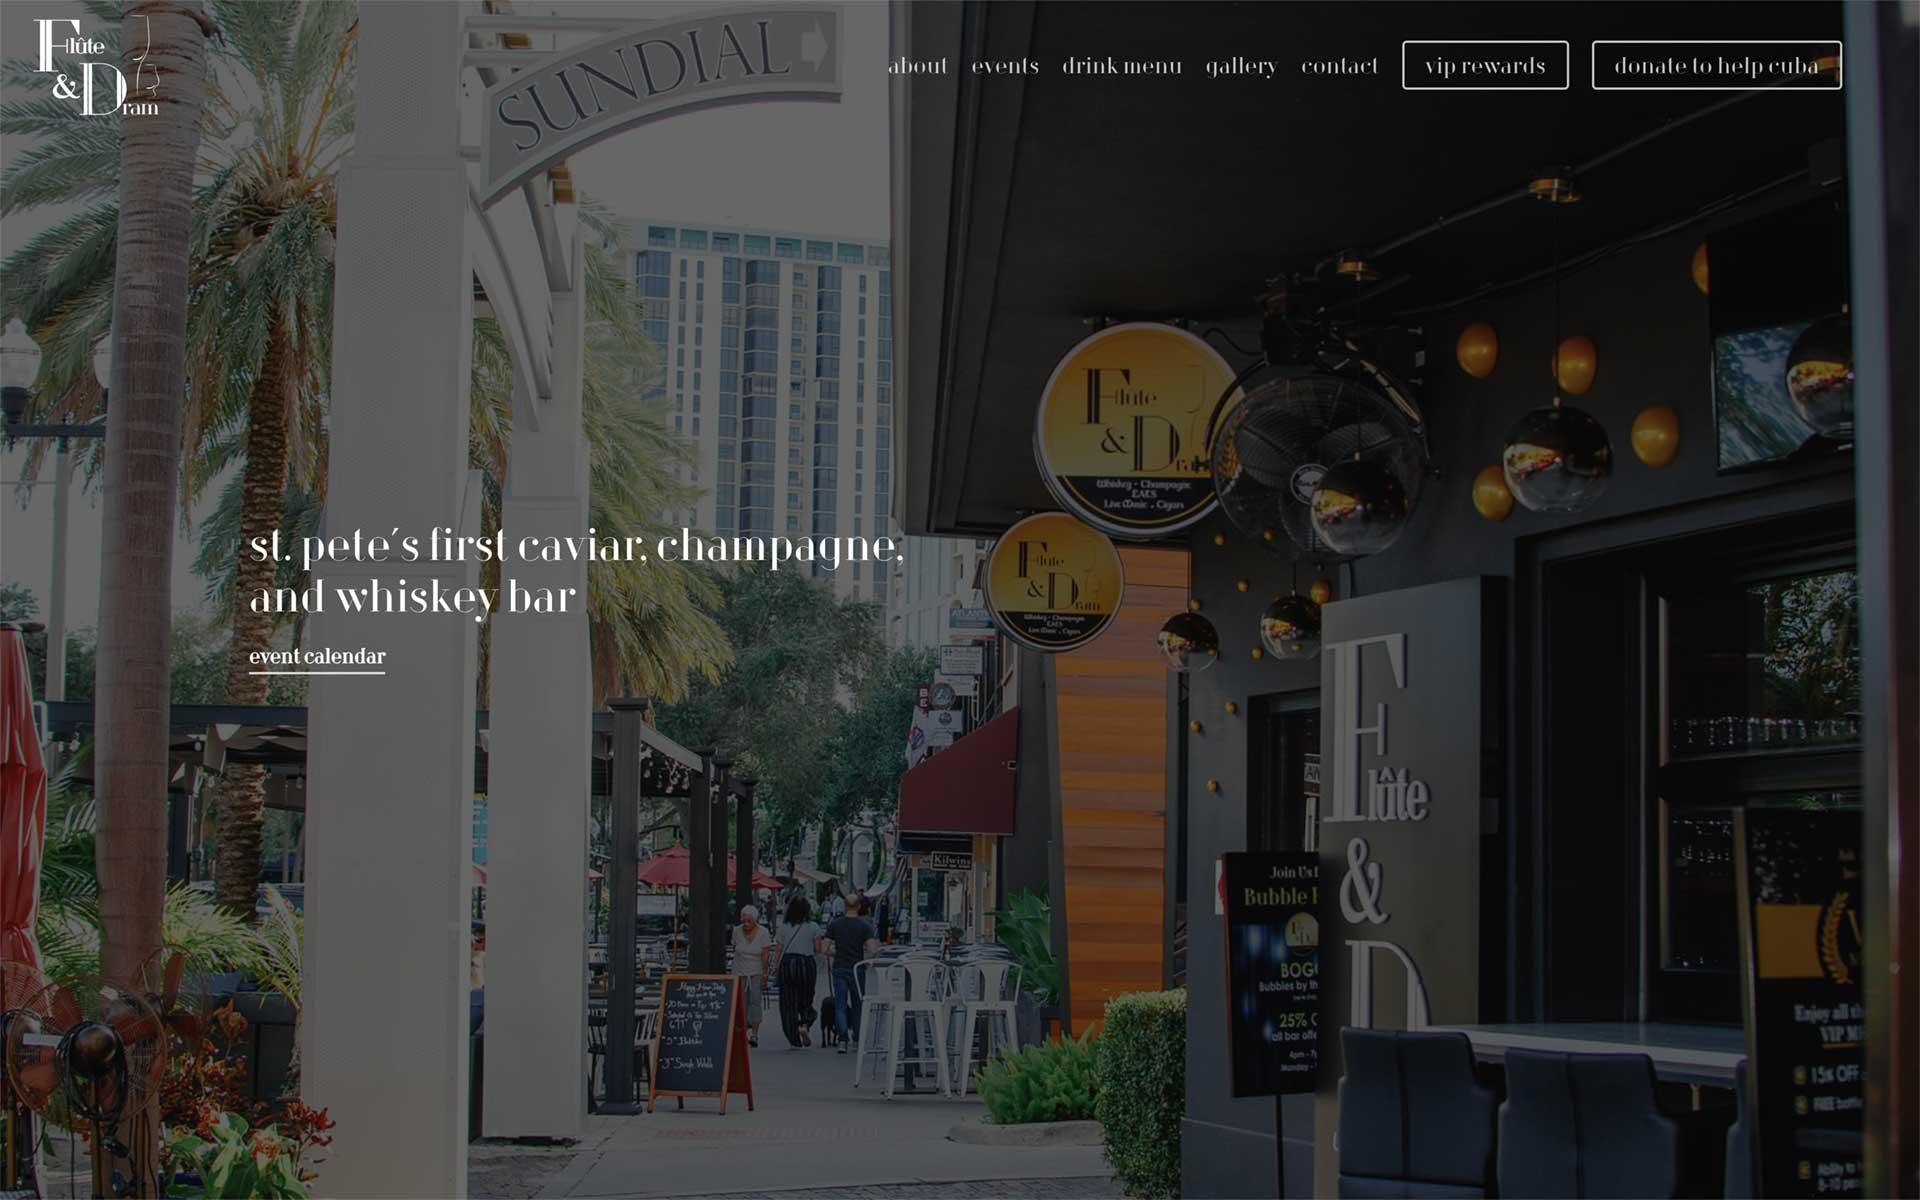 Flute and Dram website